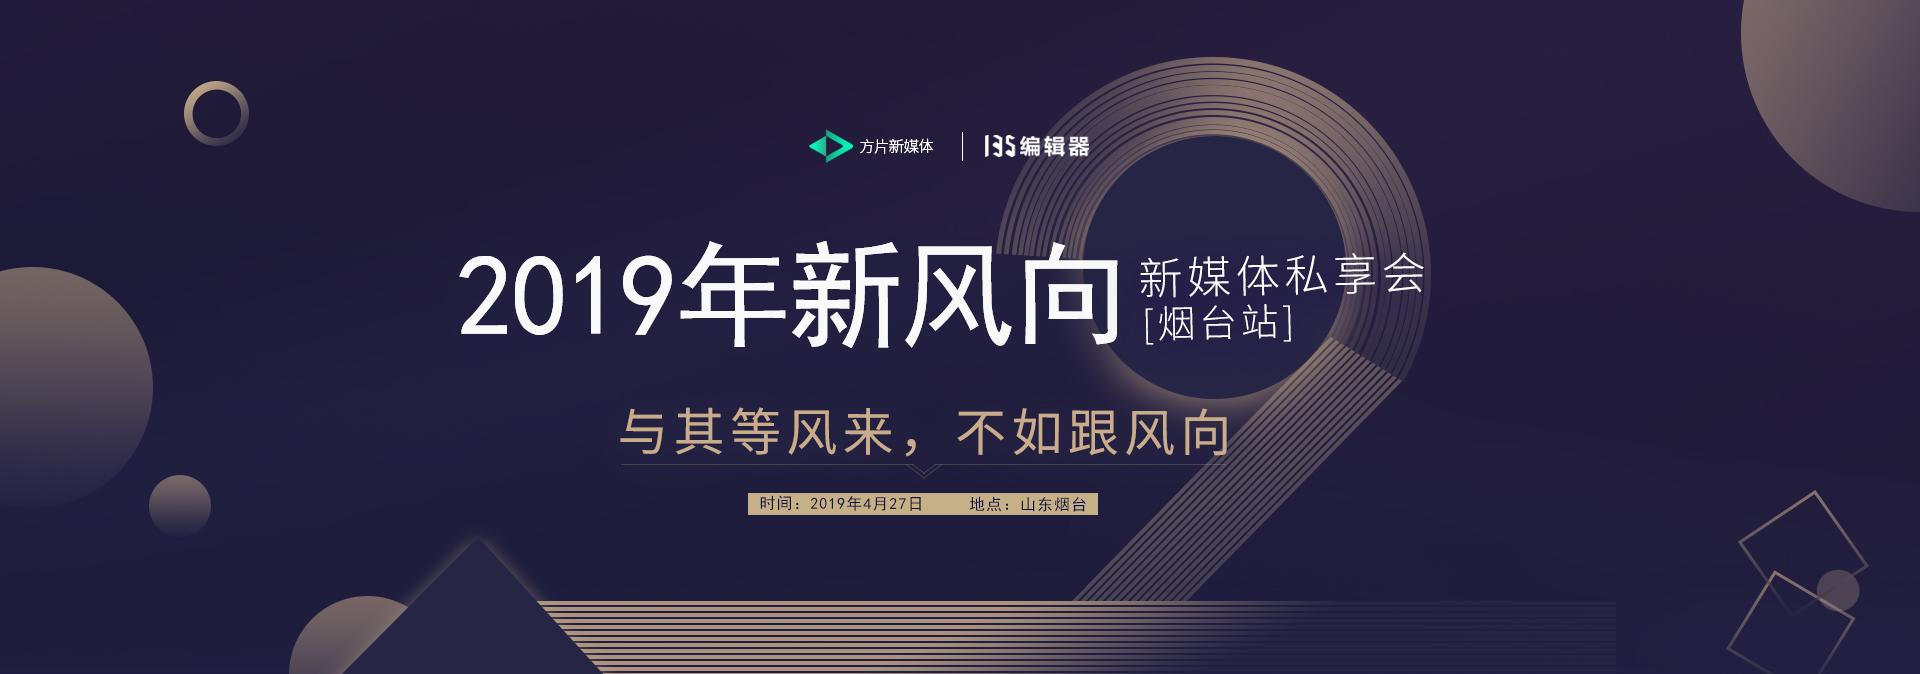 2019新風向-新媒體私享會(煙臺站)